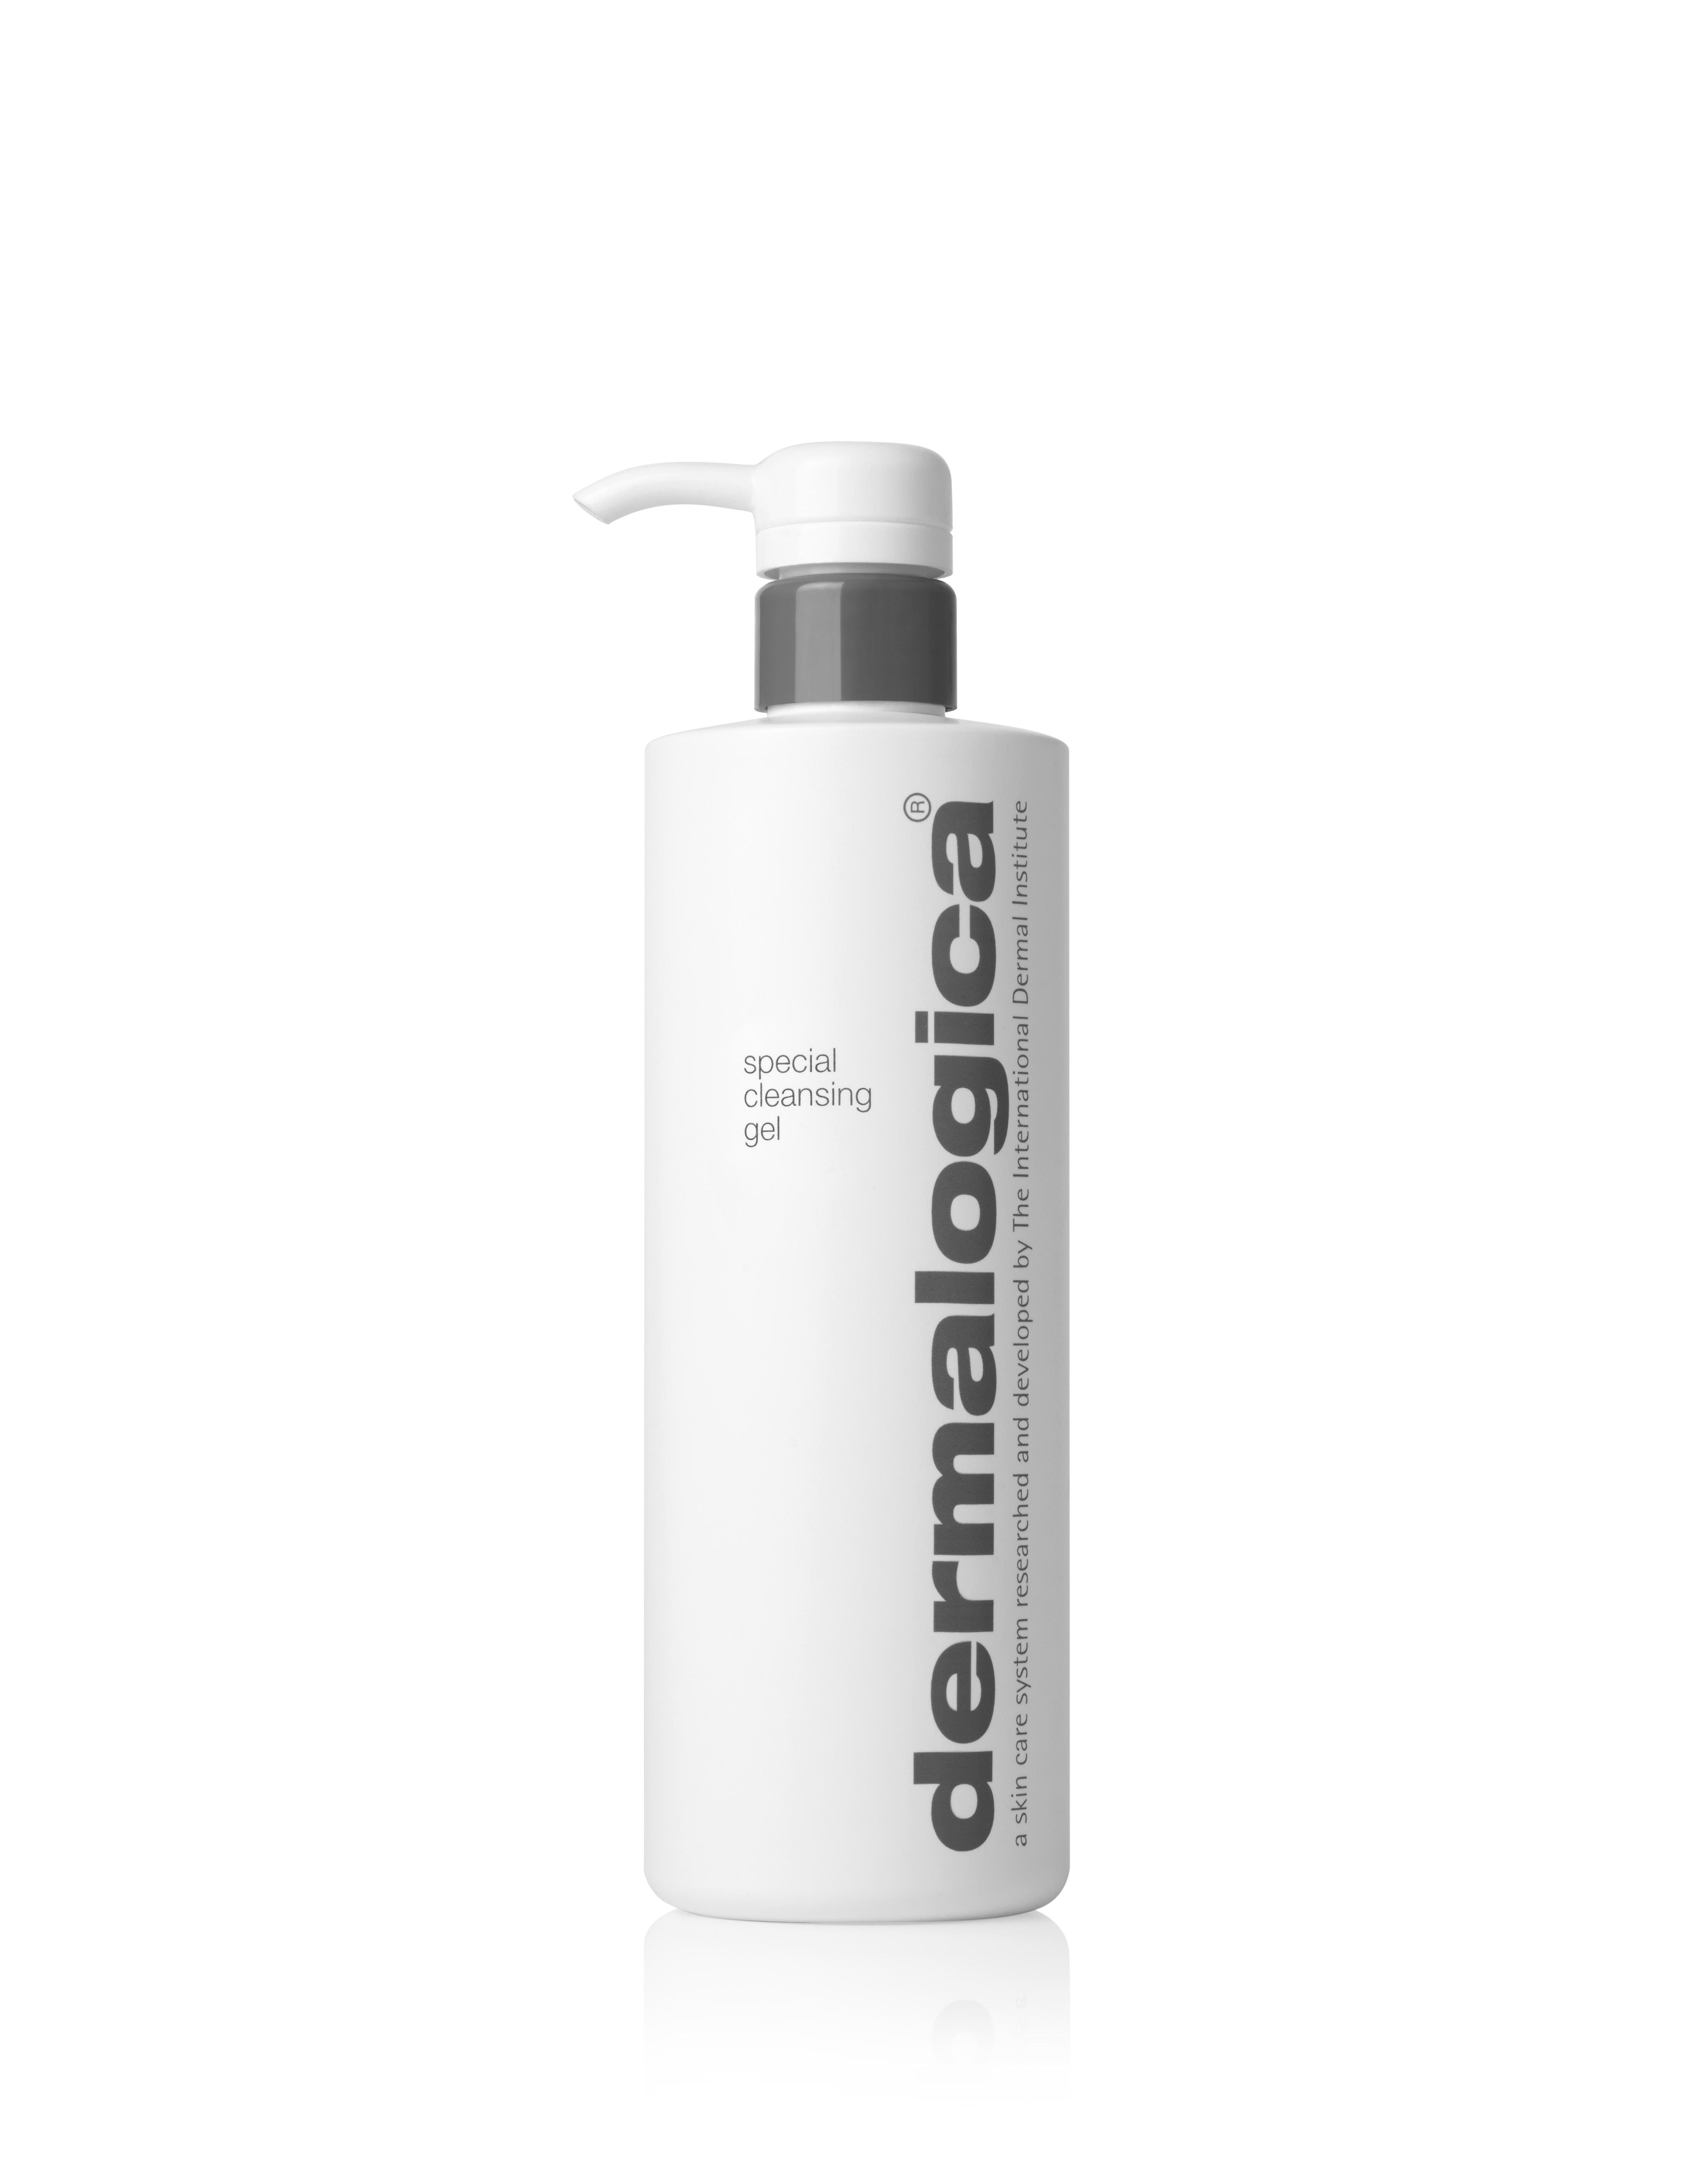 Dermalogica Special Cleansing Gel, 500 ml